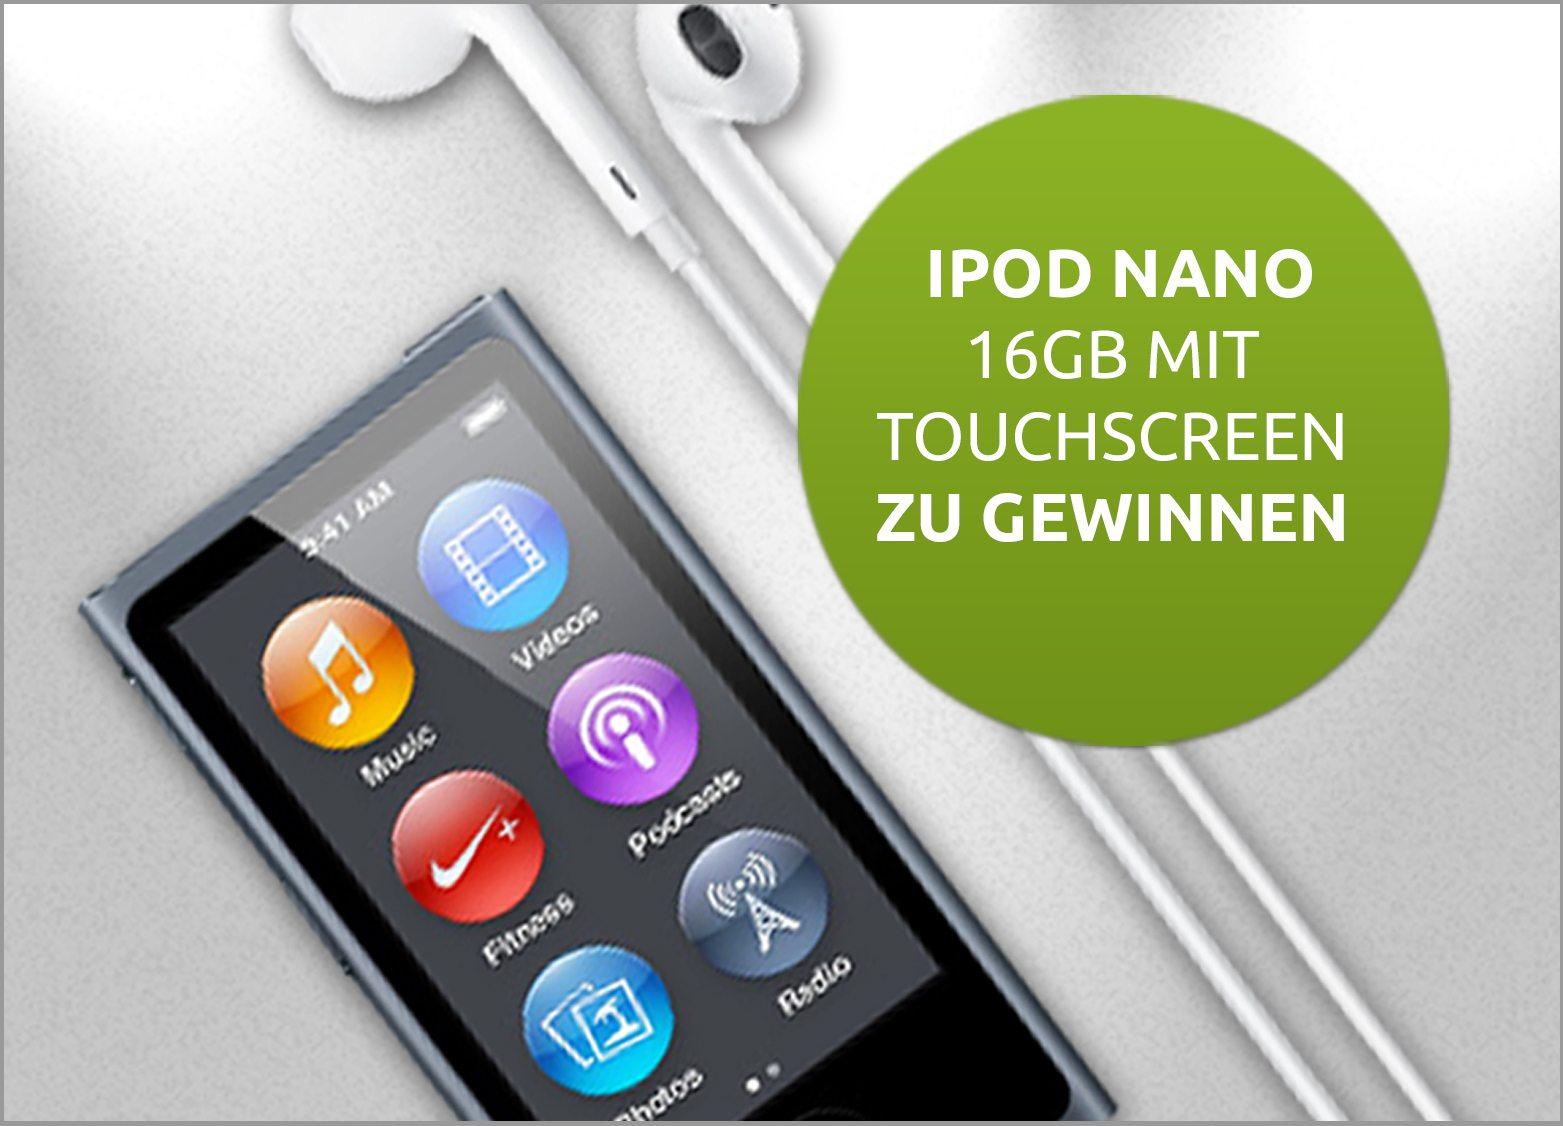 Gratis iPod gewinnen und Rabatt